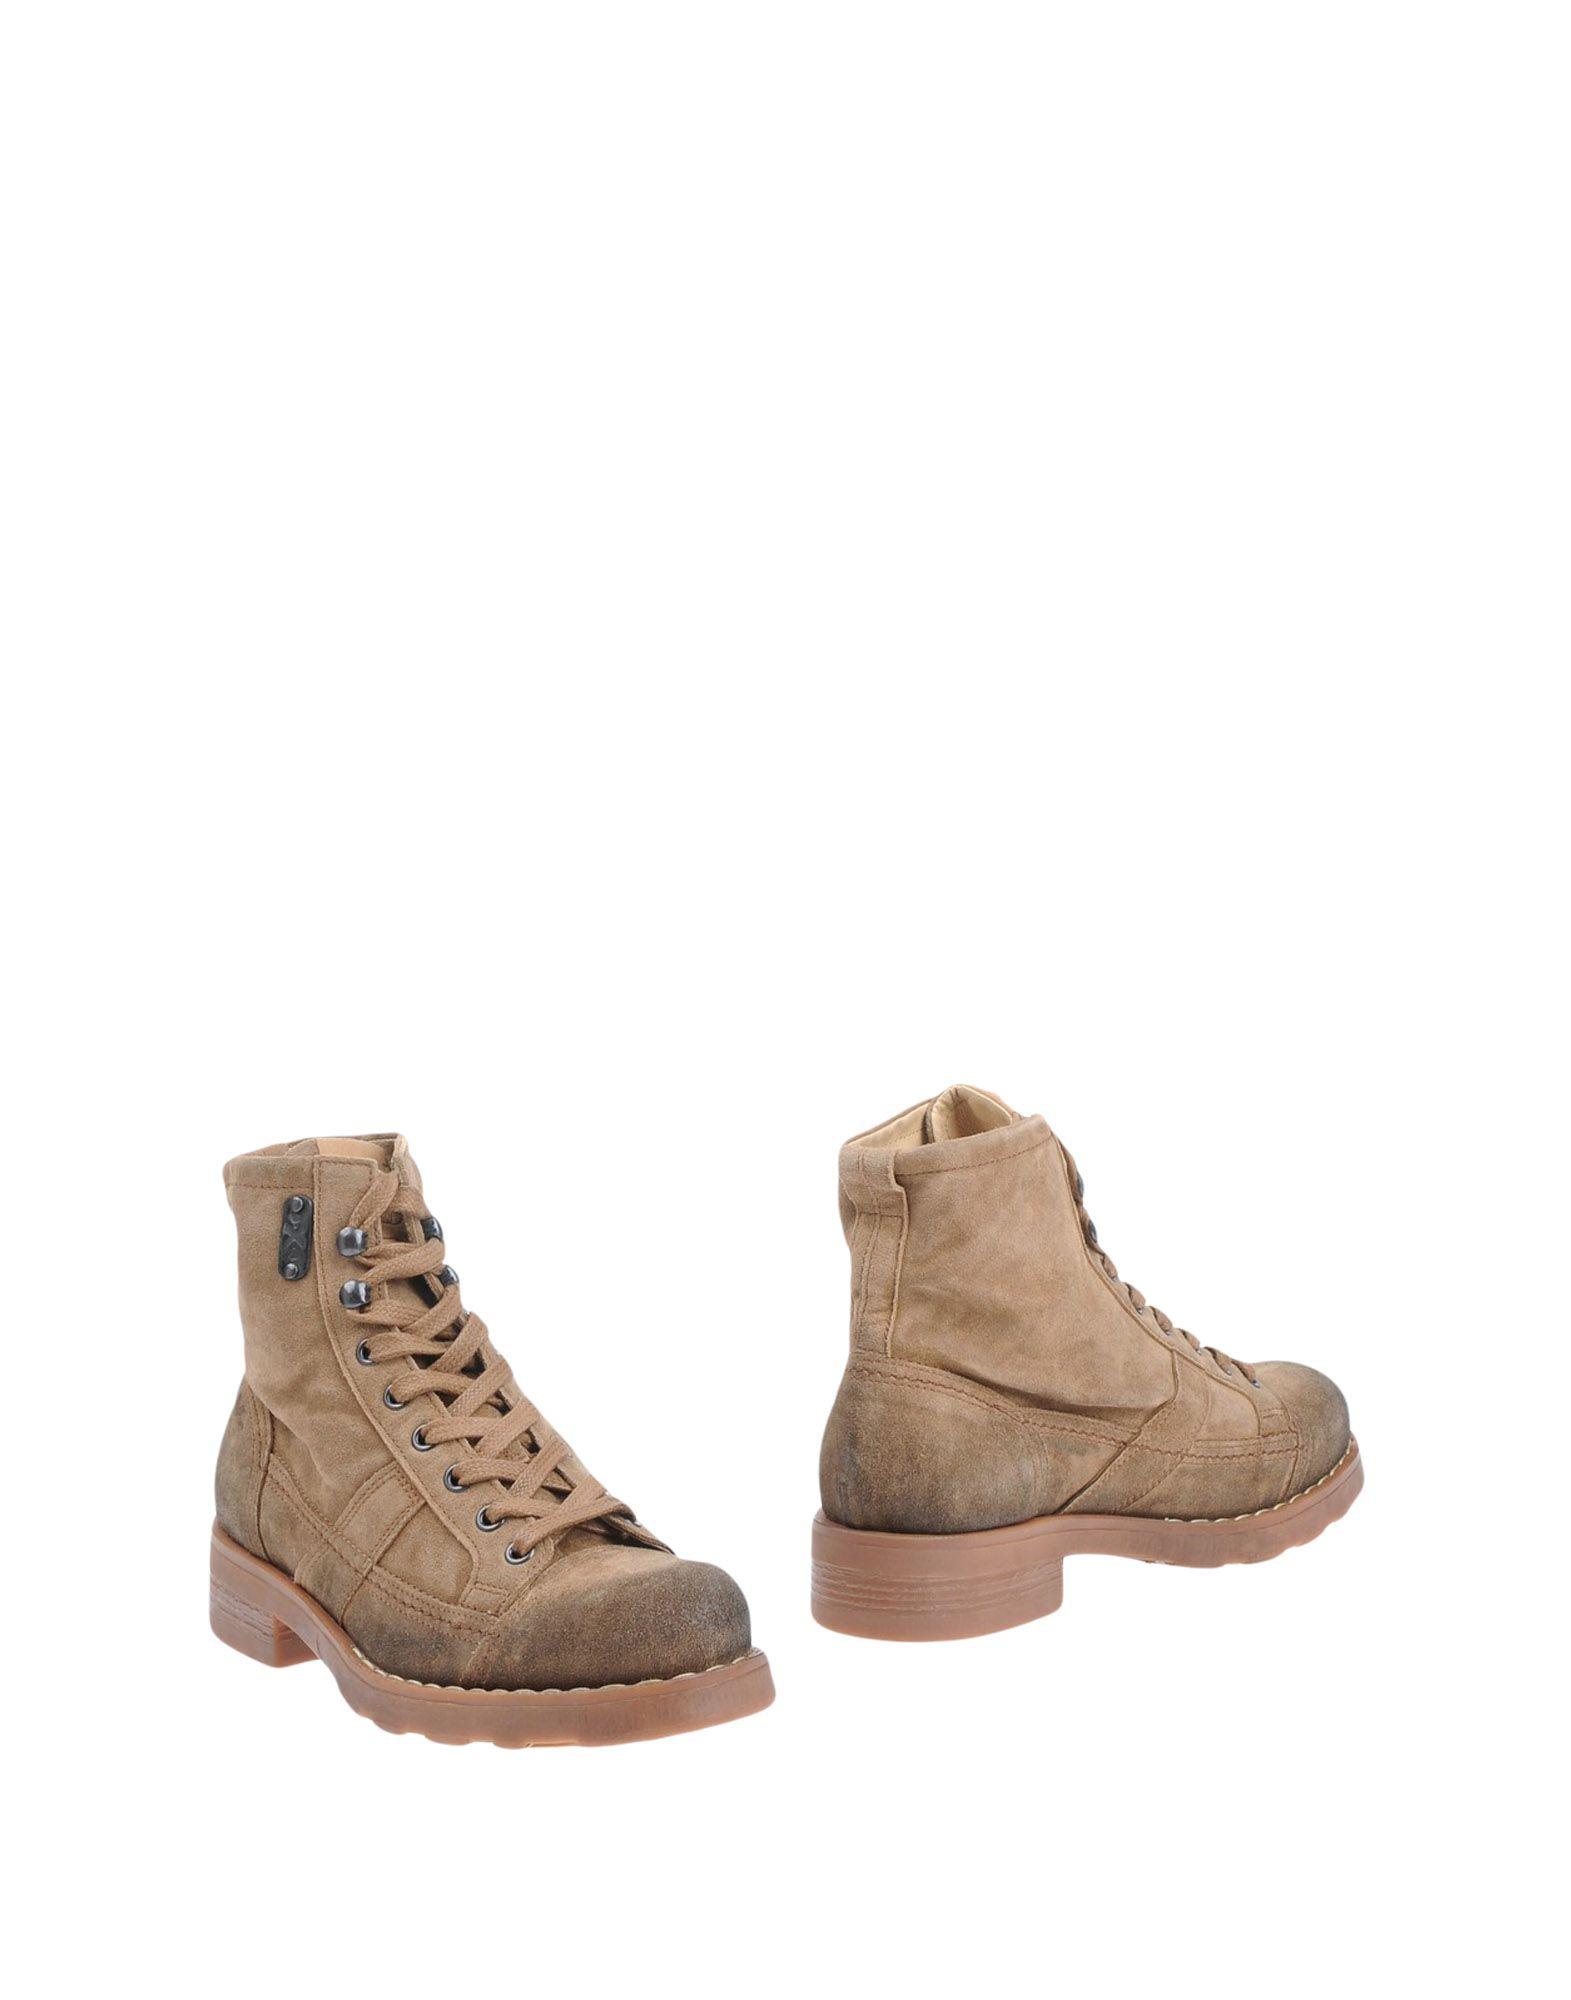 O.X.S. Stiefelette Damen  Schuhe 11340248NT Heiße Schuhe  80f684